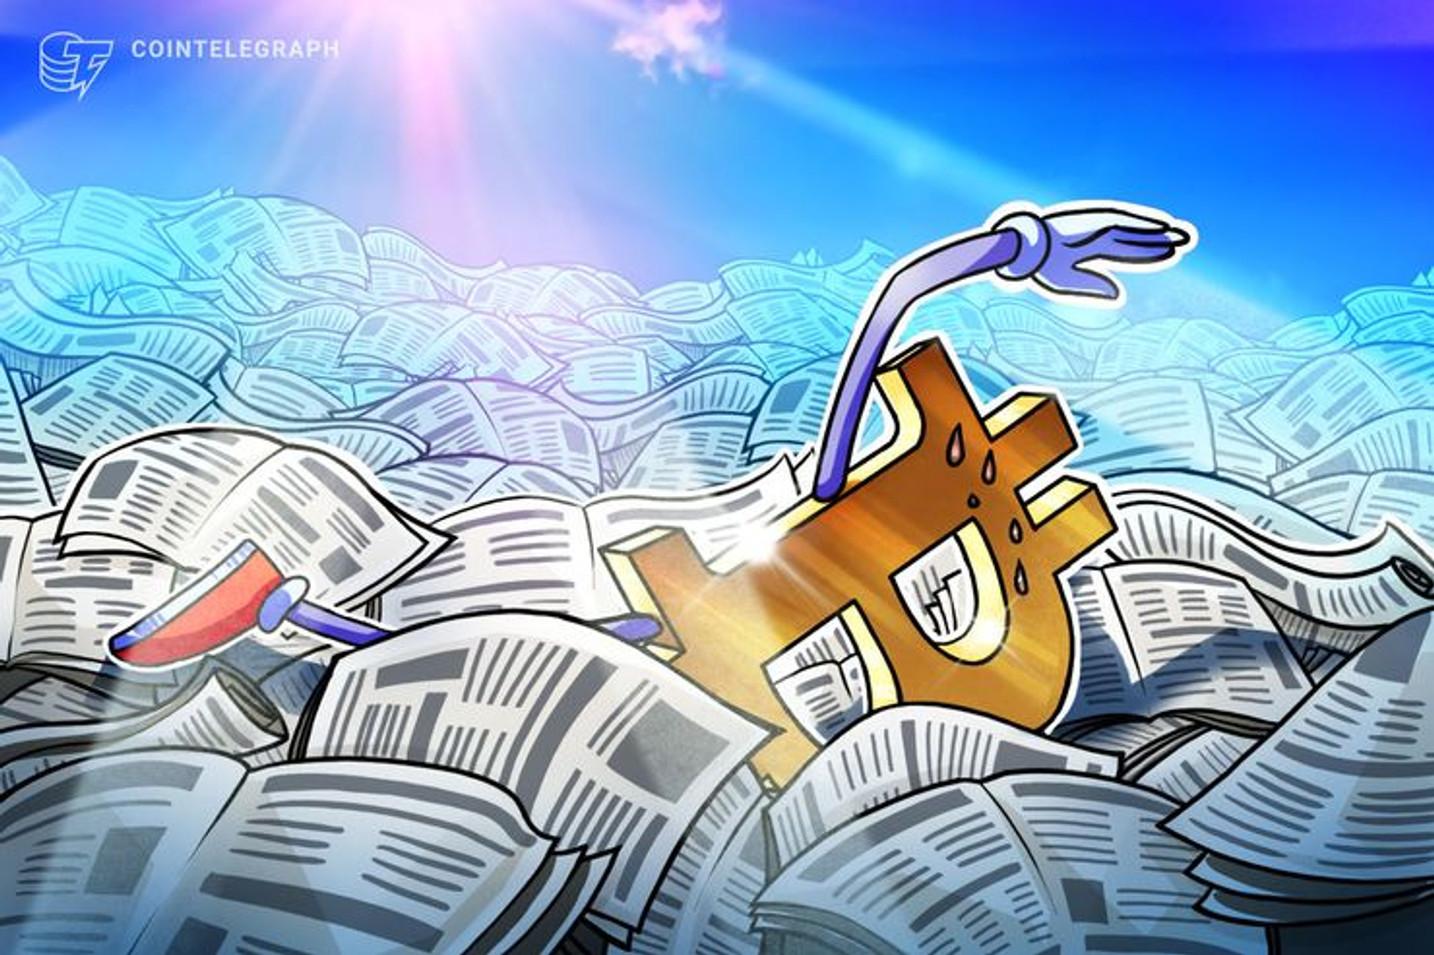 Não vale apena investir em Bitcoin, 'é uma aposta na incerteza', diz reportagem da Rede Globo